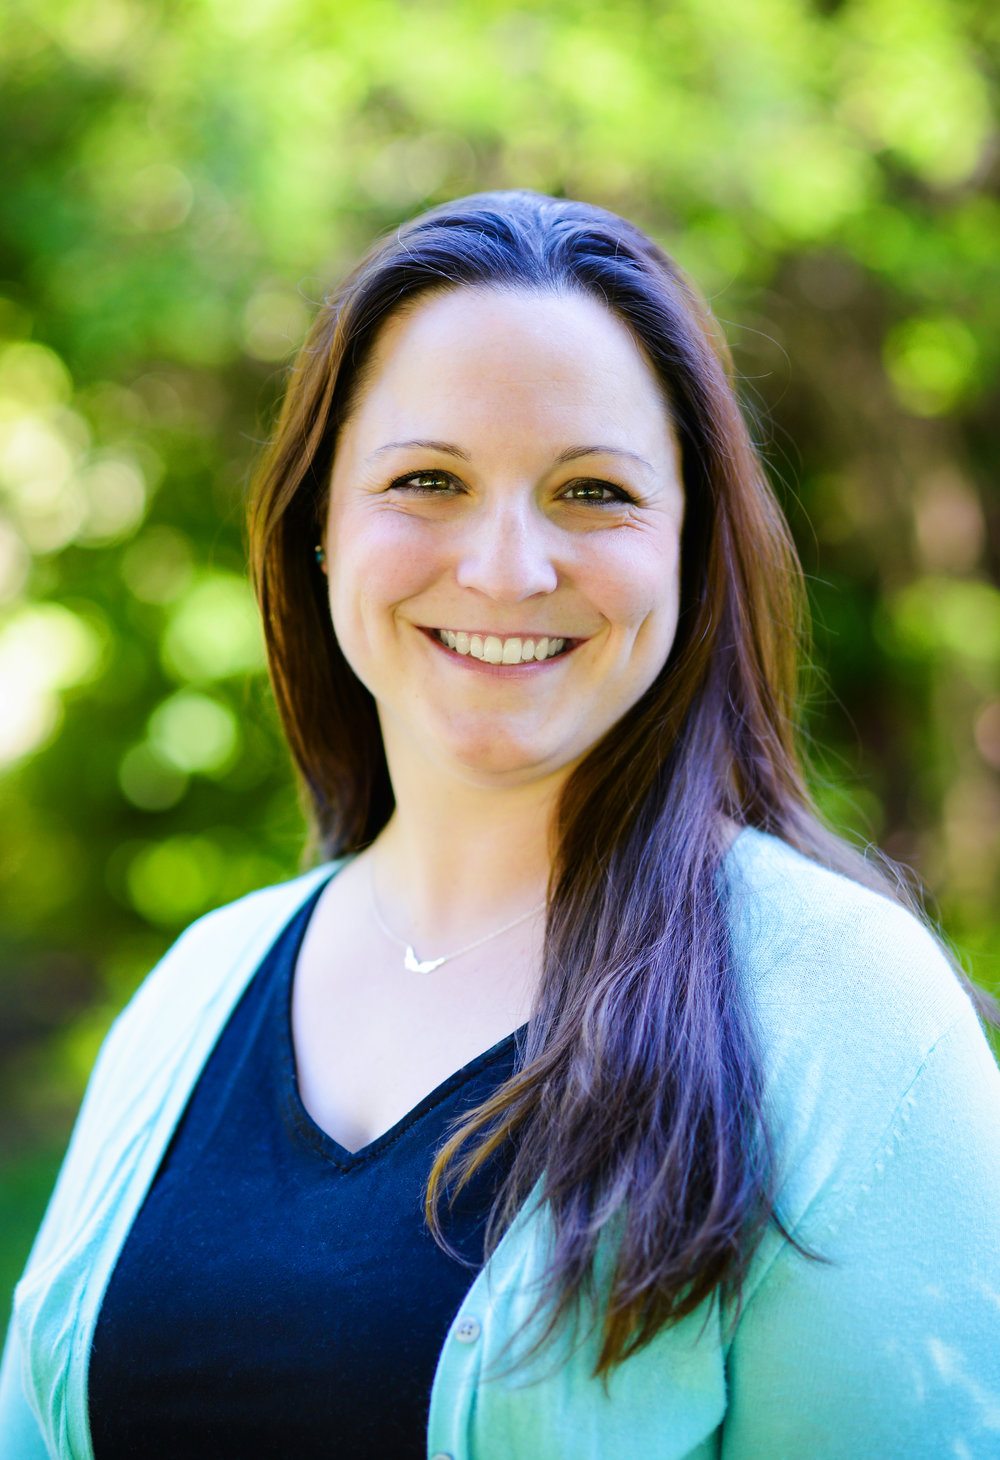 Rev. Katey Schwind